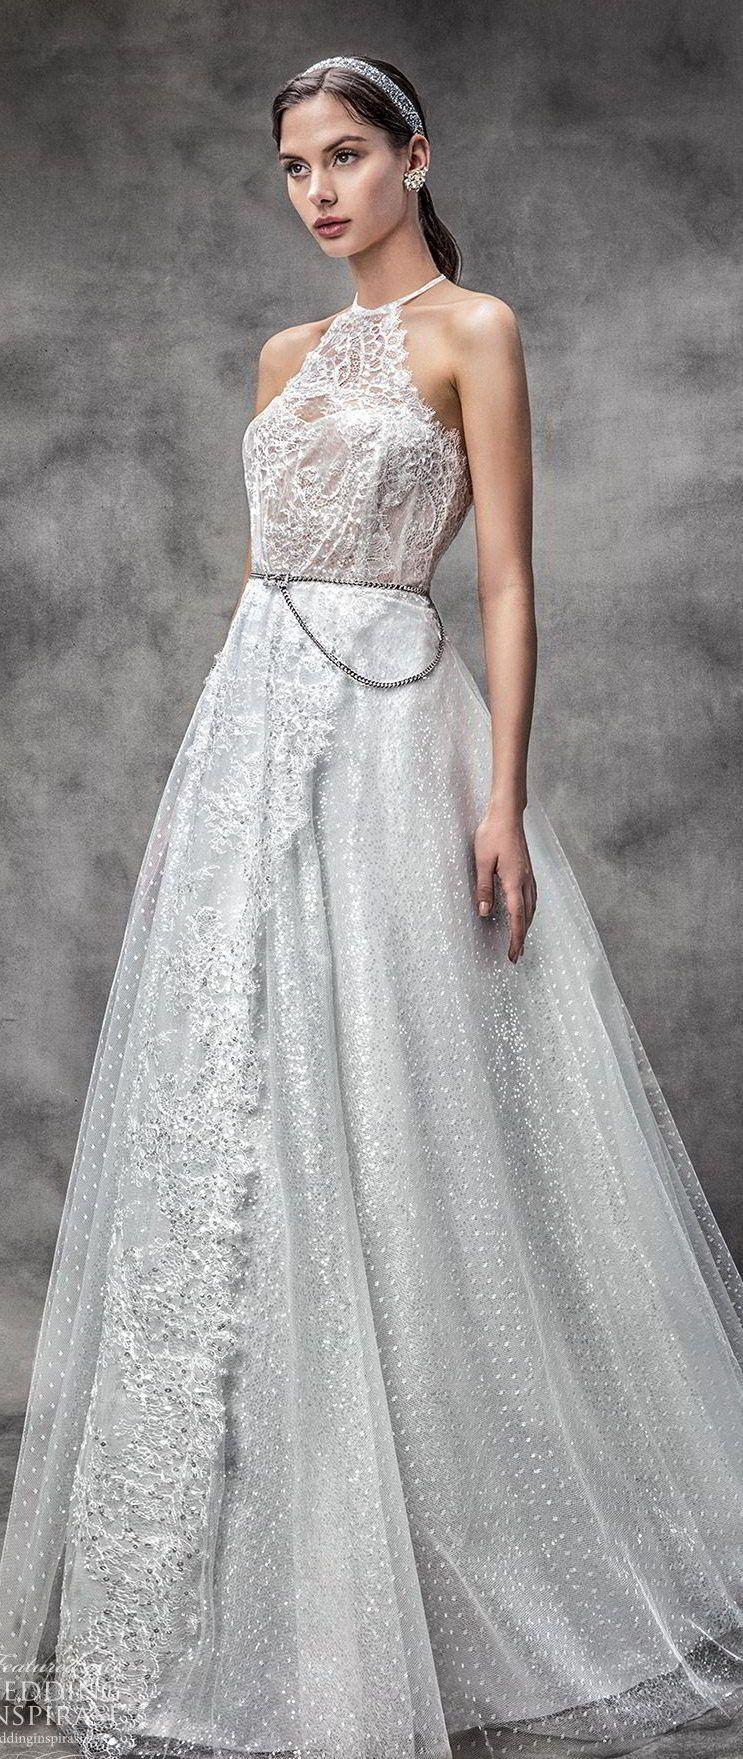 Классическое, пышное, свадебное платье цвета айвори с вырезом халтер от Victoria KyriaKides Spring 2020 Collection